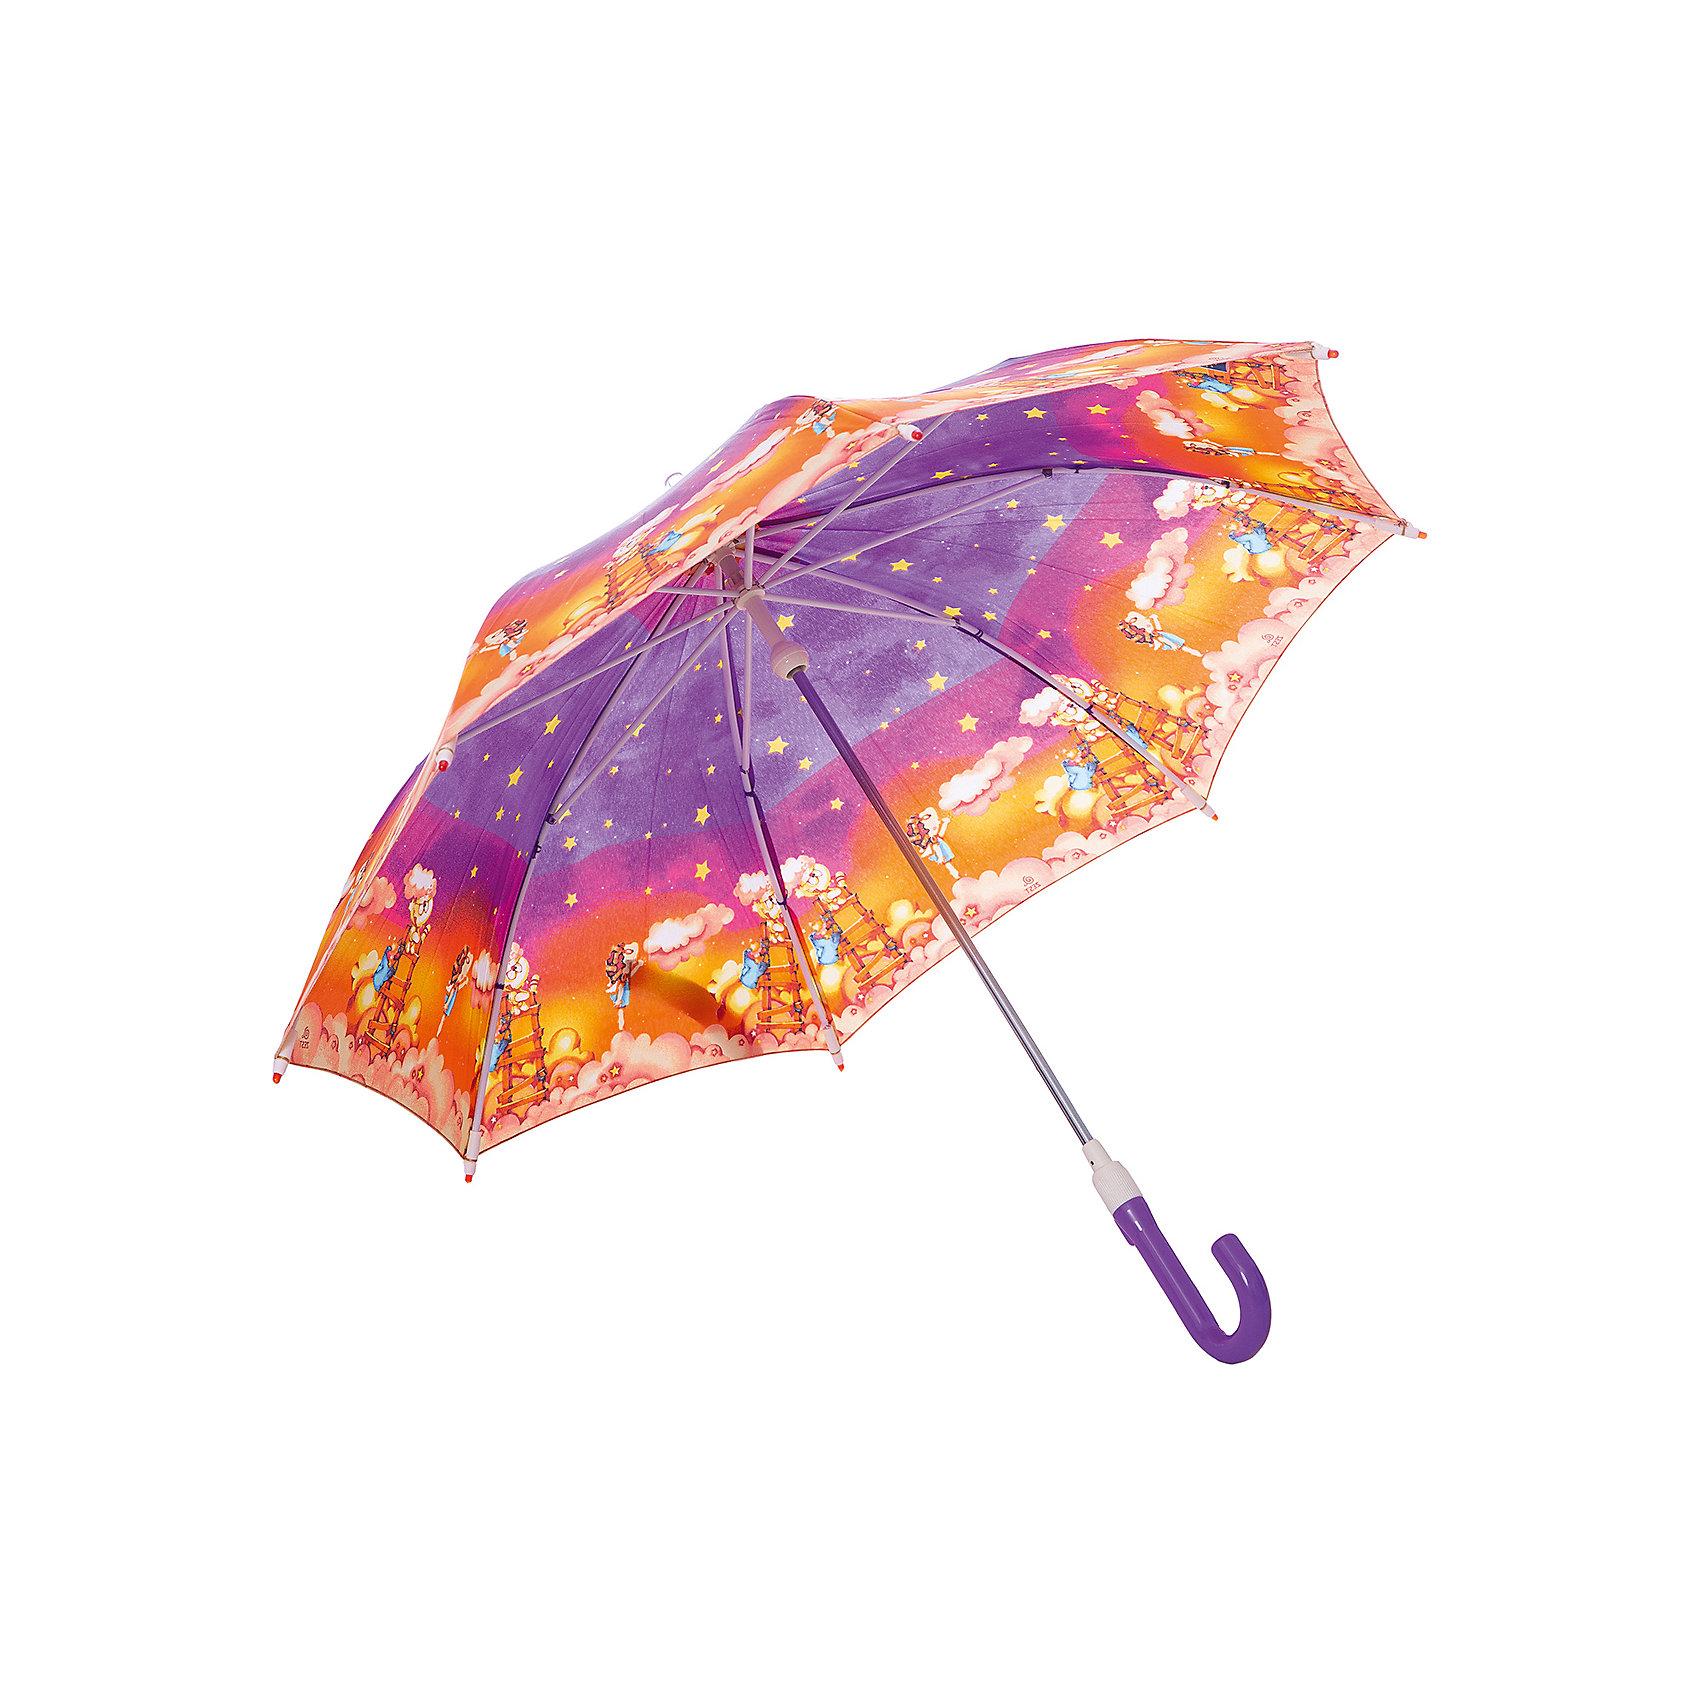 Зонт-трость, детскийЗонты детские<br>Красочный детский зонтик Zest 21551  со светодиодами (на кончиках спиц и на куполе в центре), трость, механика, 8 спиц, купол 78 см, материал купола полиэстер, ручка зонта из пластика, материал каркаса - сталь. Концы спиц зонтика прикрыты специальными колпачками-лампочками. ВЕТРОУСТОЙЧИВАЯ КОНСТРУКЦИЯ. Внимание! В сильный ветер не эксплуатировать! Зонт может сломаться. Гарантия 6 месяцев, срок службы 5 лет. Необходимы 2 батарейки типа ААА<br><br>Ширина мм: 690<br>Глубина мм: 0<br>Высота мм: 0<br>Вес г: 280<br>Возраст от месяцев: 36<br>Возраст до месяцев: 2147483647<br>Пол: Унисекс<br>Возраст: Детский<br>SKU: 5511985